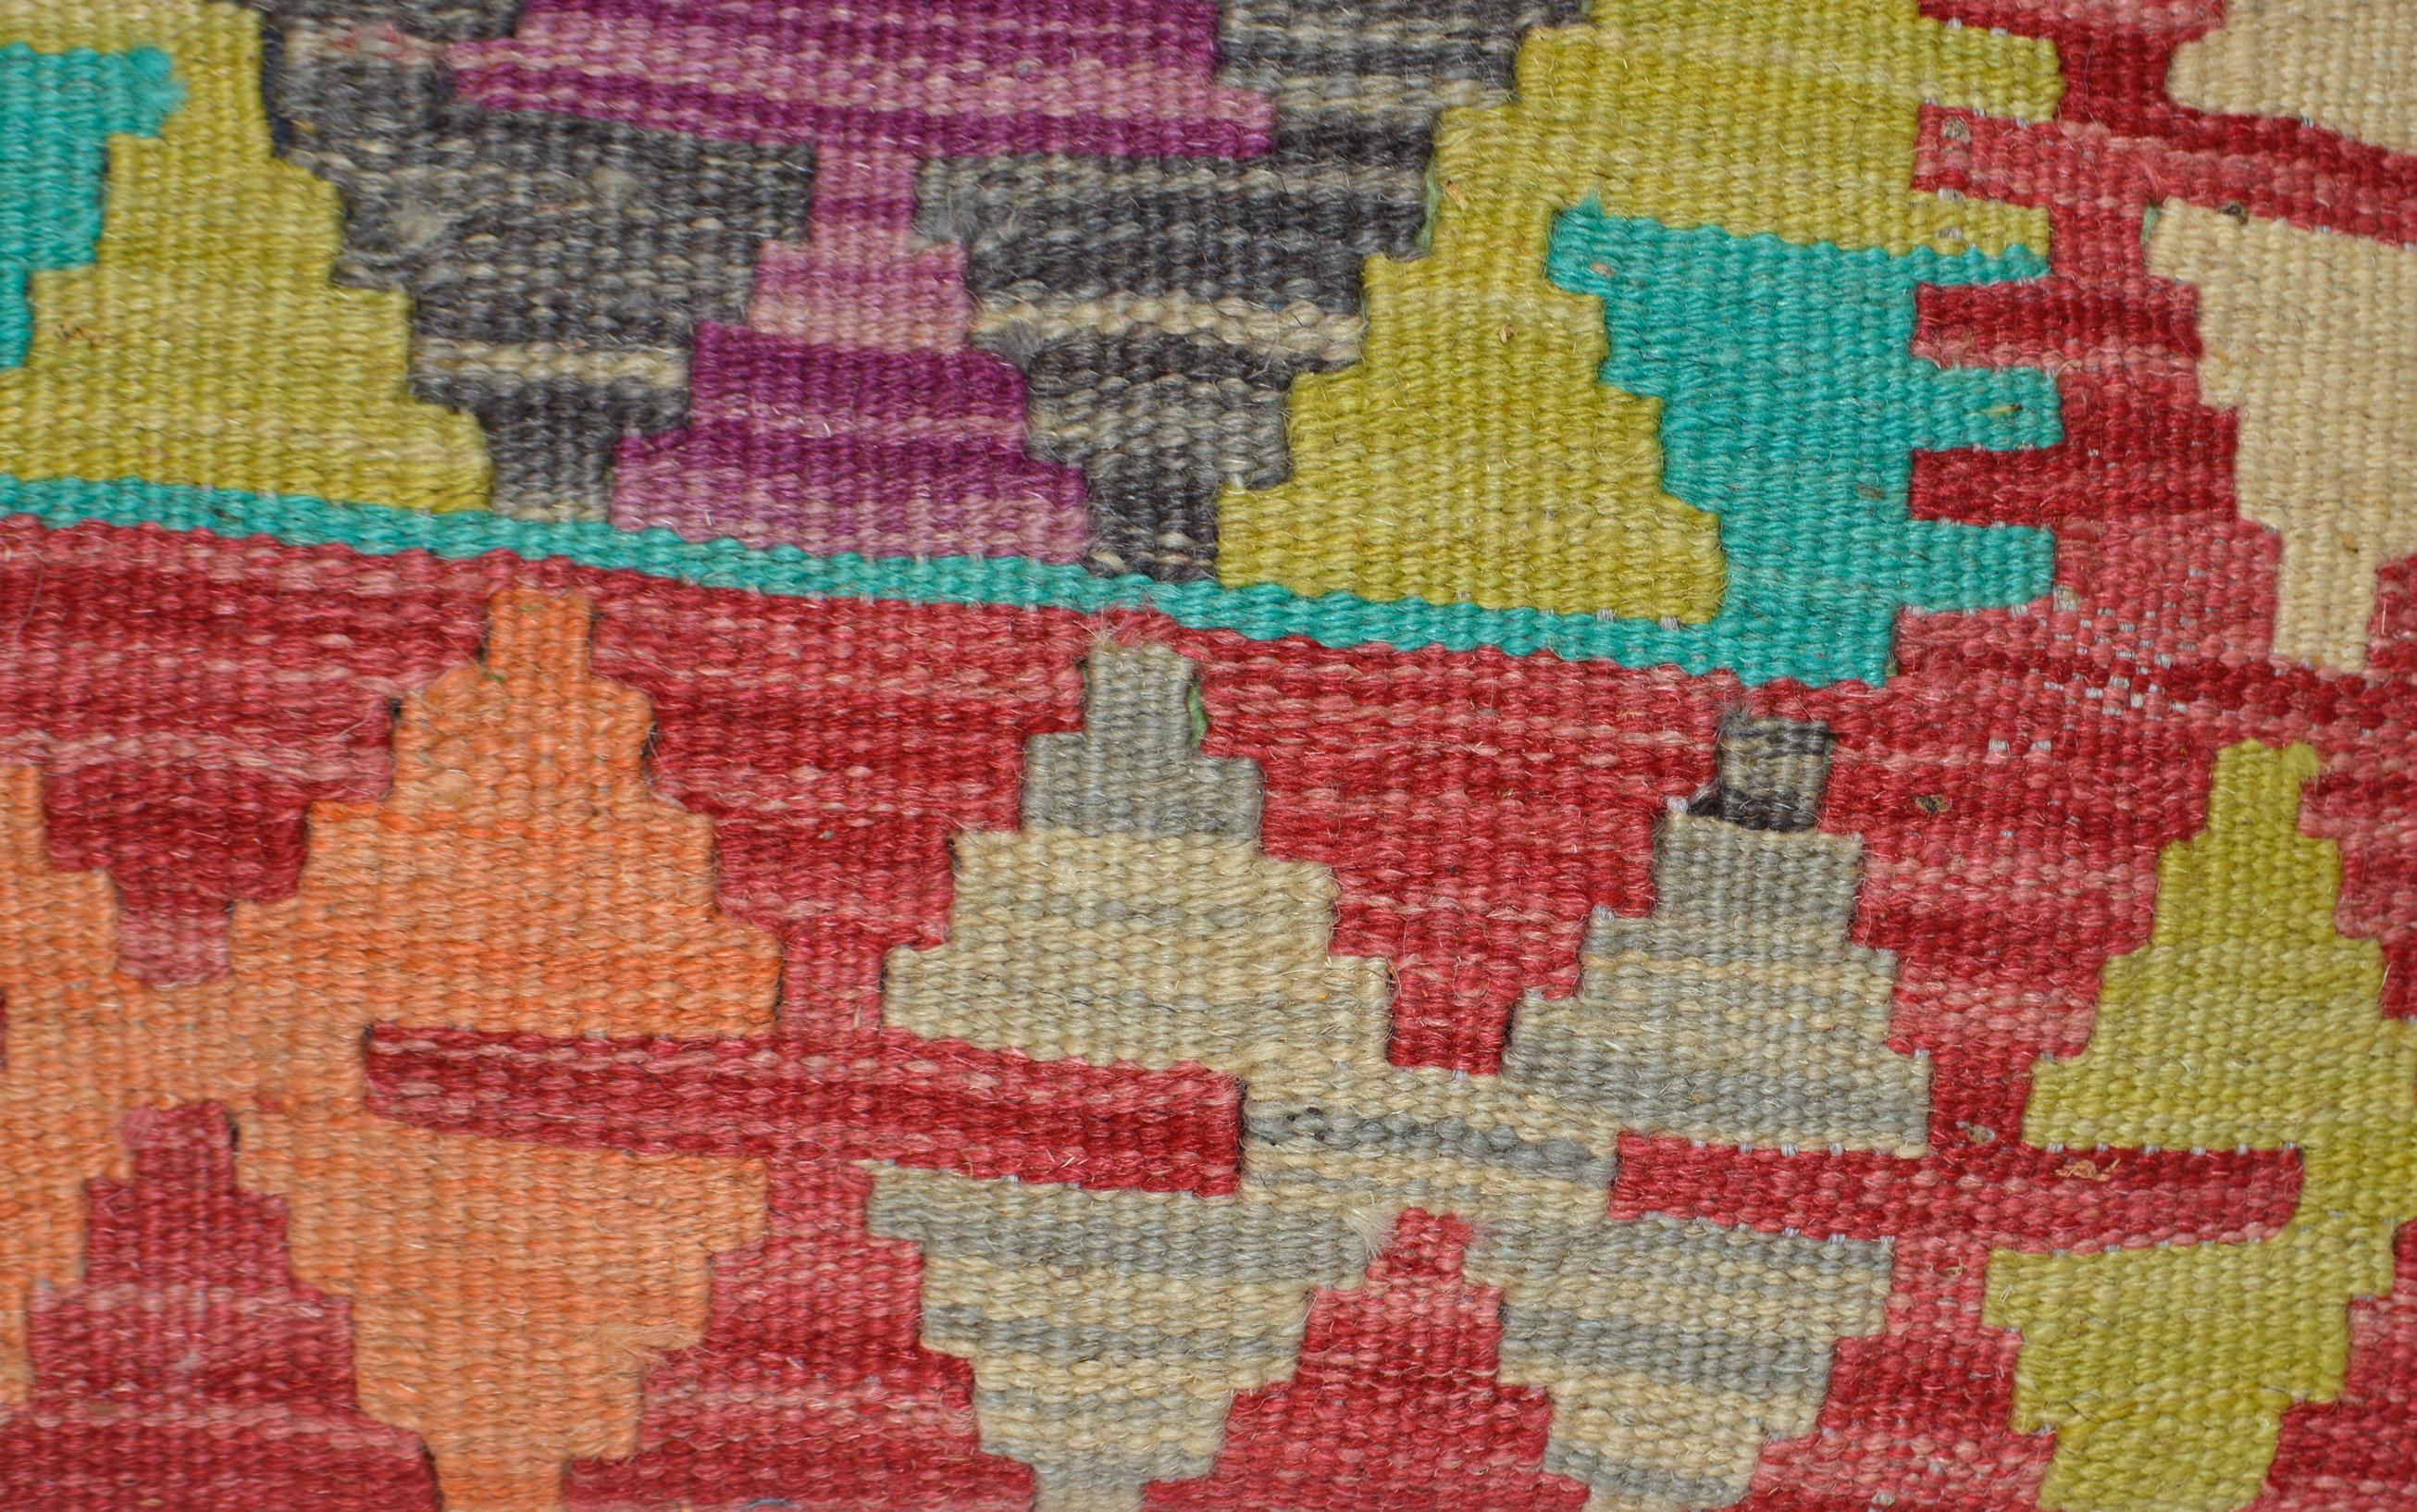 Orientalische Antik Kelim Kissen Unikat aus Wolle, handgewebte Deko- Kissen, Vintage AKS 031 Größe 45 x 45 cm